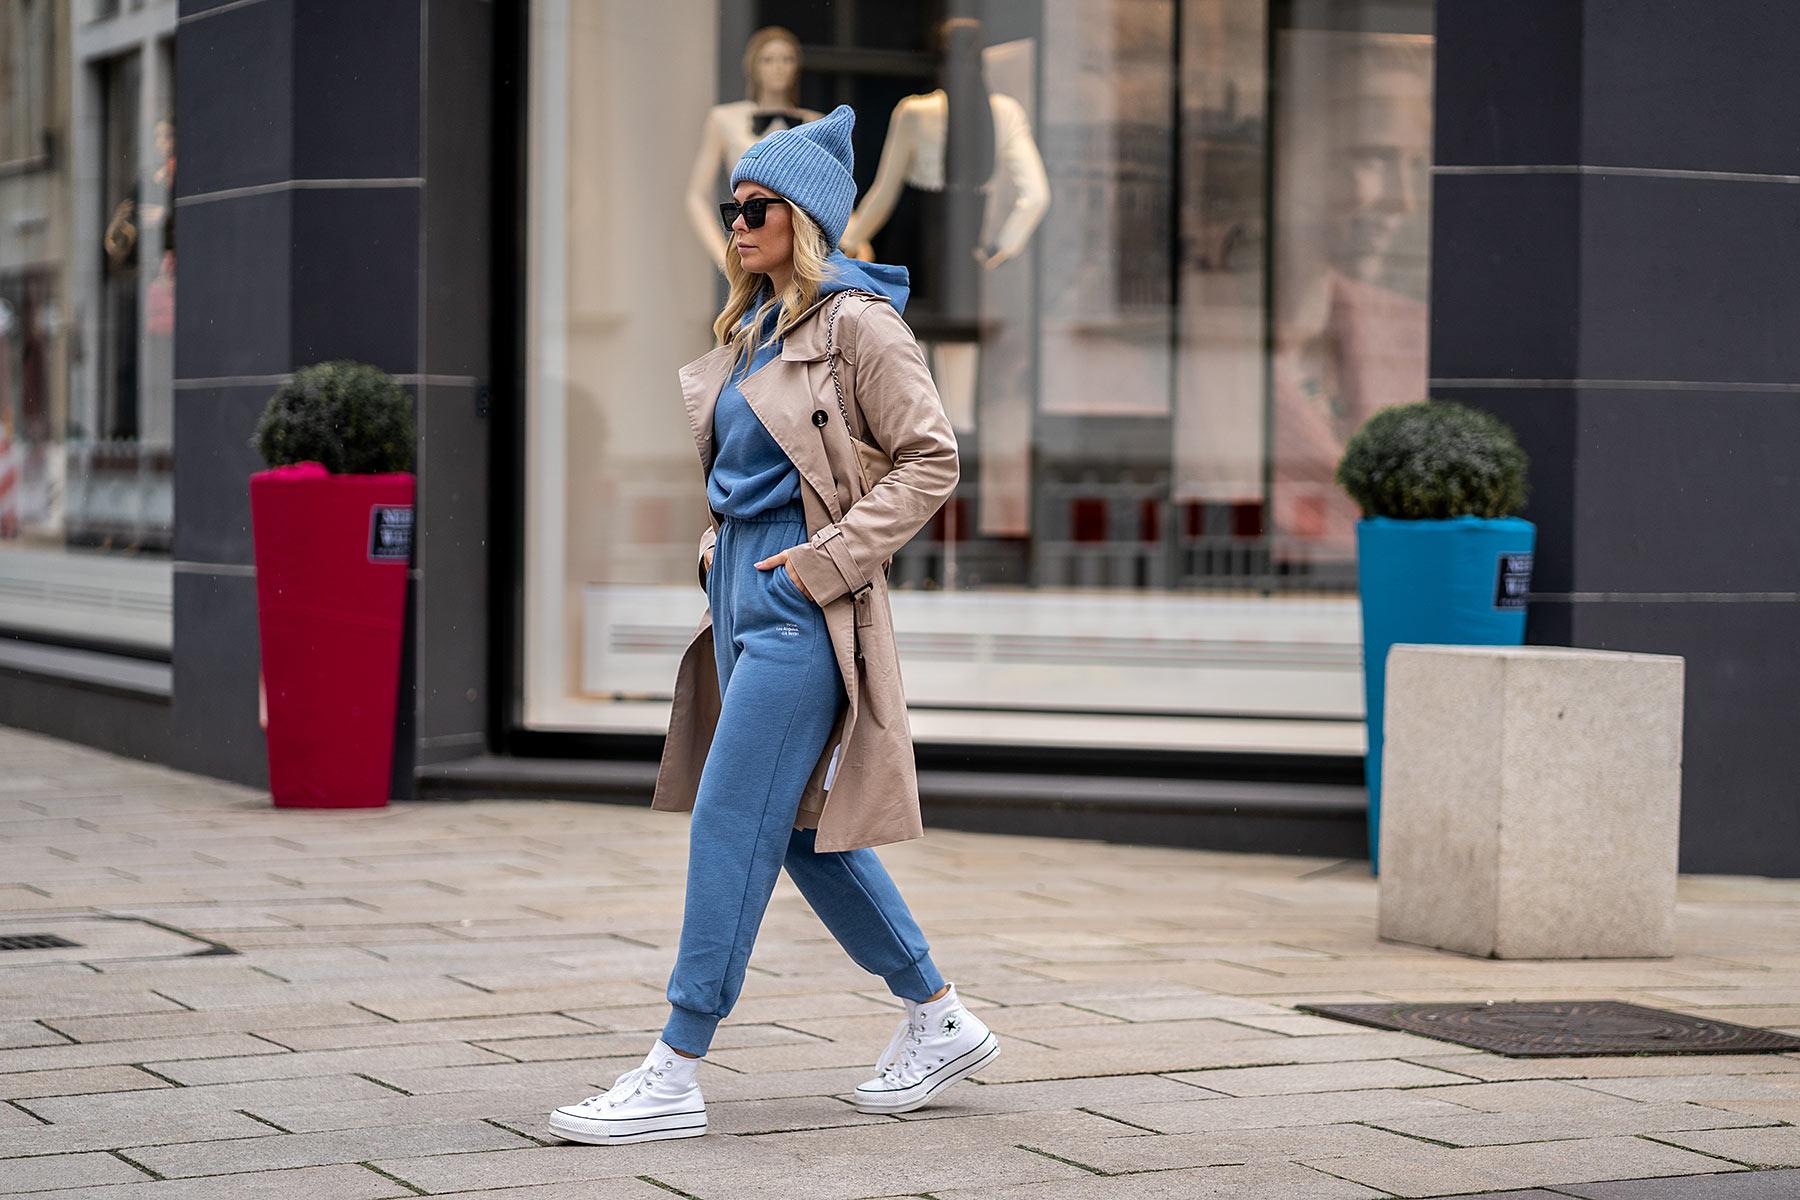 jogginganzug outfit streetstyle kombi fashion inga brauer